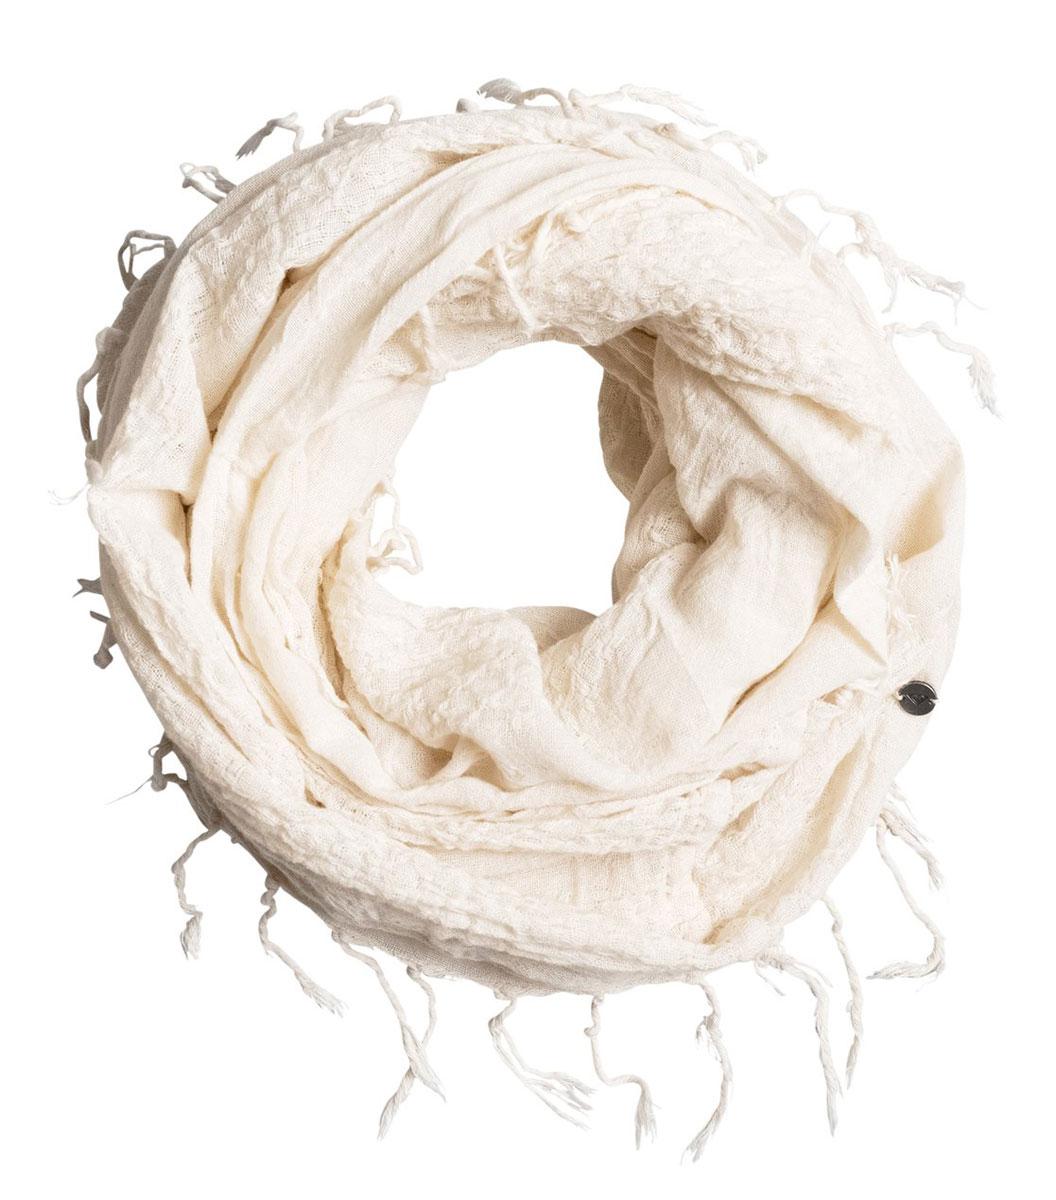 Шарф женский Roxy Song, цвет: молочный. ERJAA03224-WBT0. Размер универсальныйERJAA03224-WBT0Женский шарф Roxy Song позволит вам создать неповторимый и запоминающийся образ. Изделие изготовлено из высококачественного хлопка. Шарф имеет плетеную фактуру с необработанными краями. Модель с легким эффектом металлика декорирована небольшим металлическим значком.